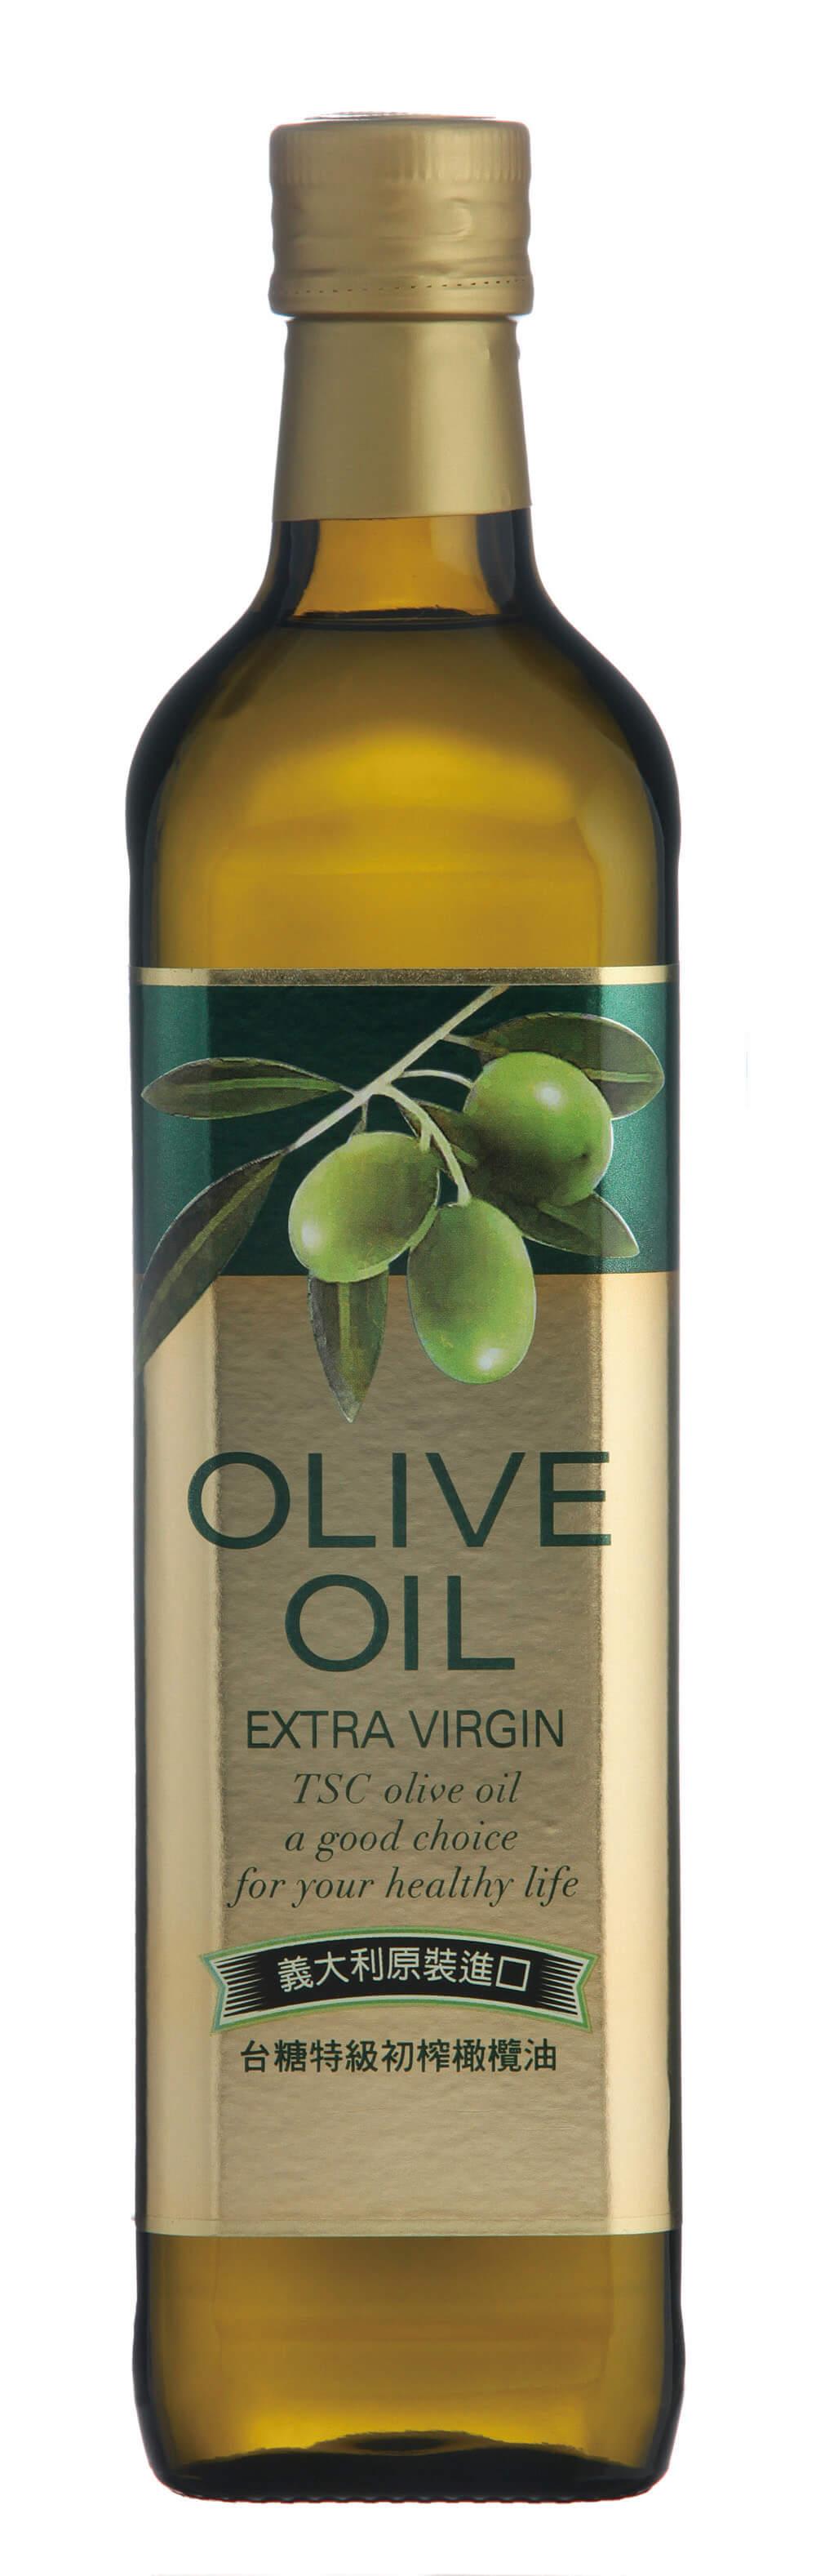 【台糖】頂級橄欖油 (0.75公升)